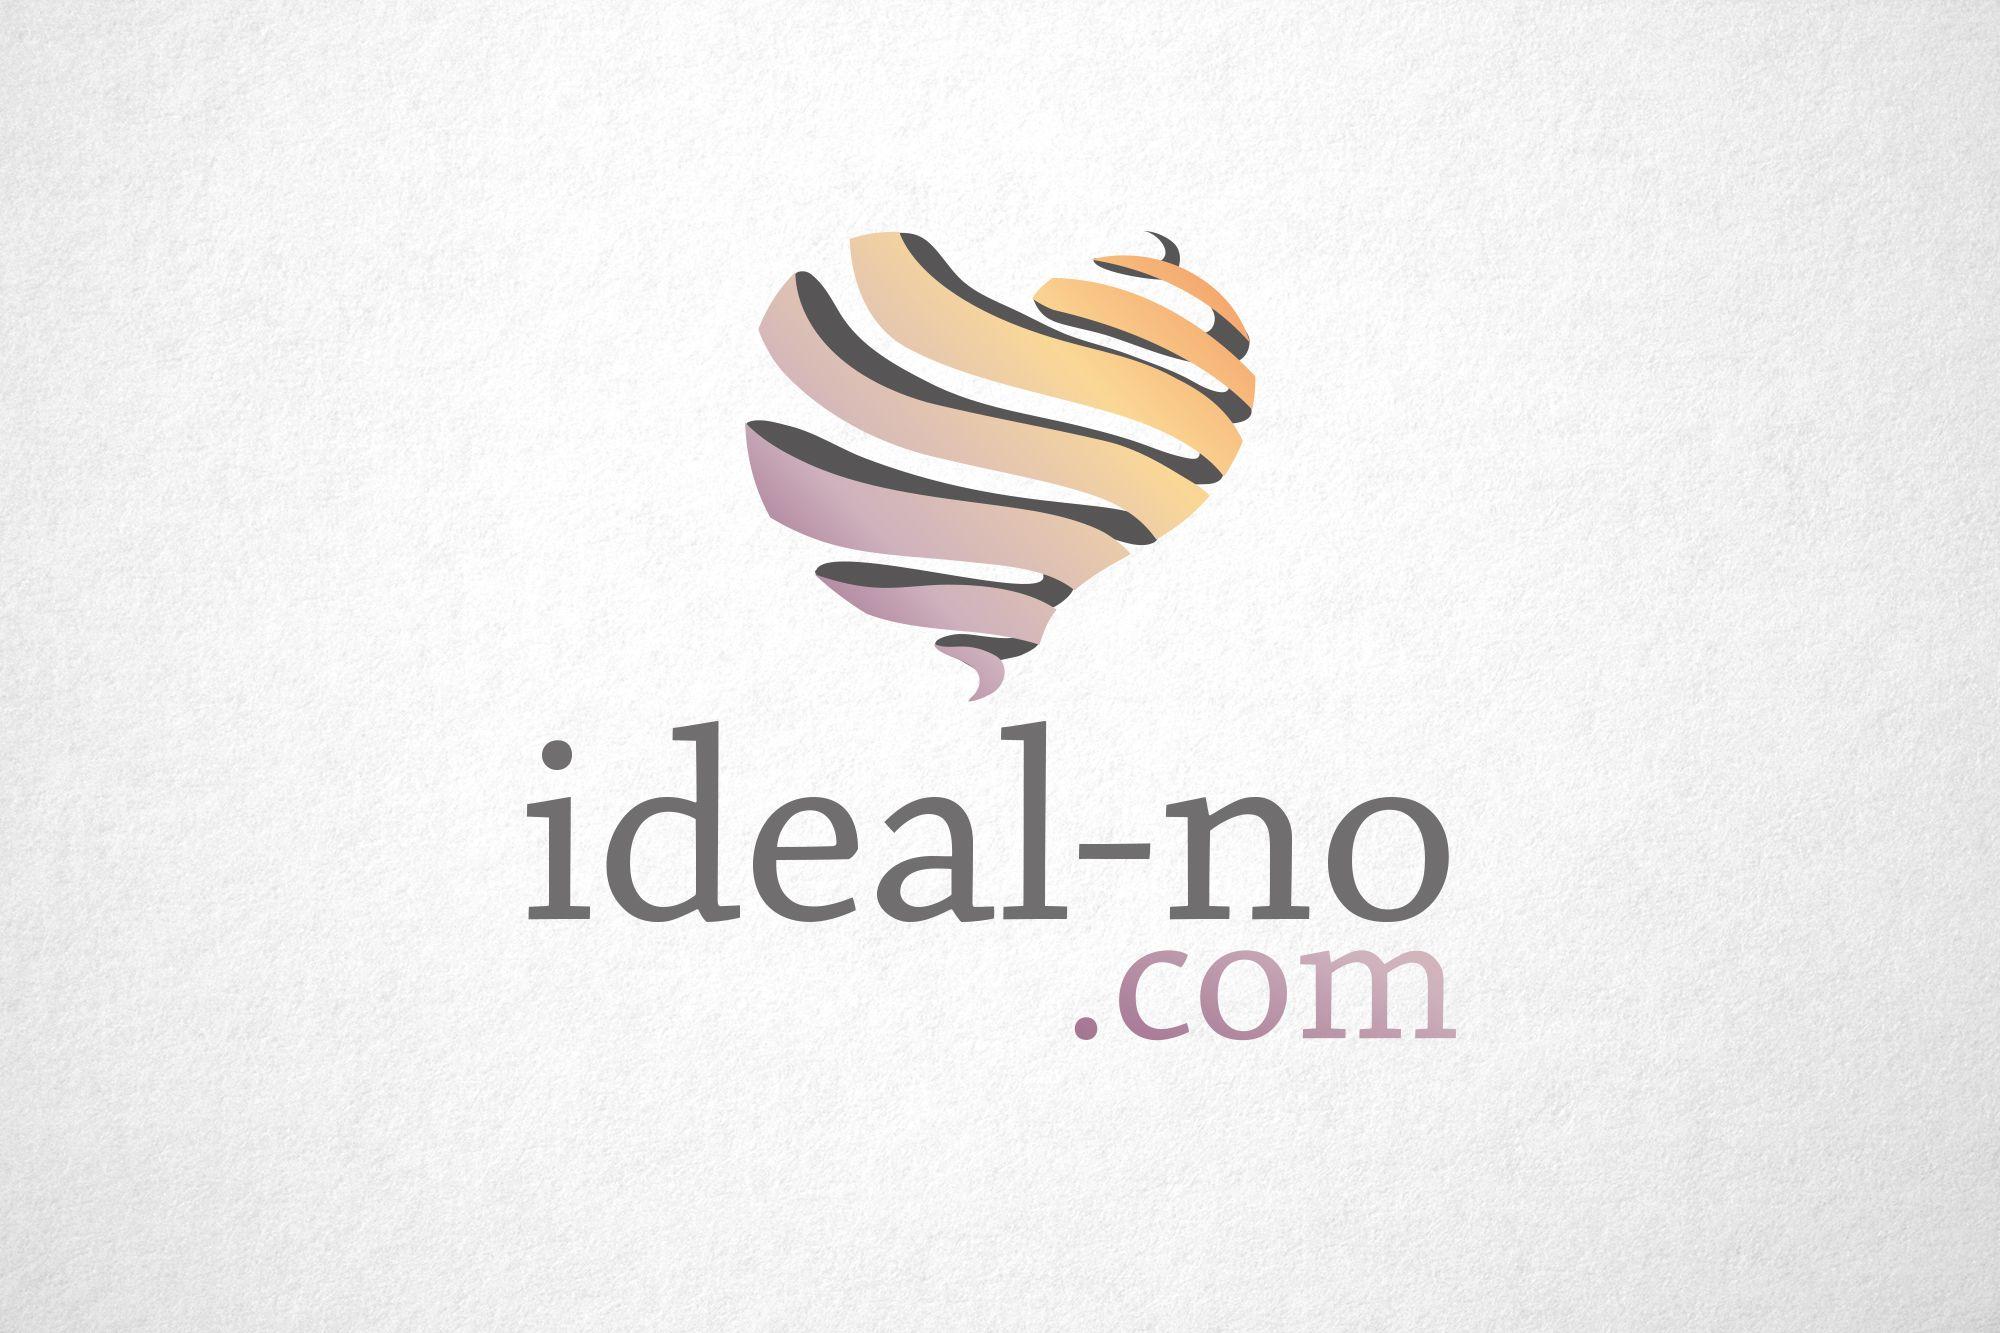 Логотип ideal-no.com - дизайнер funkielevis